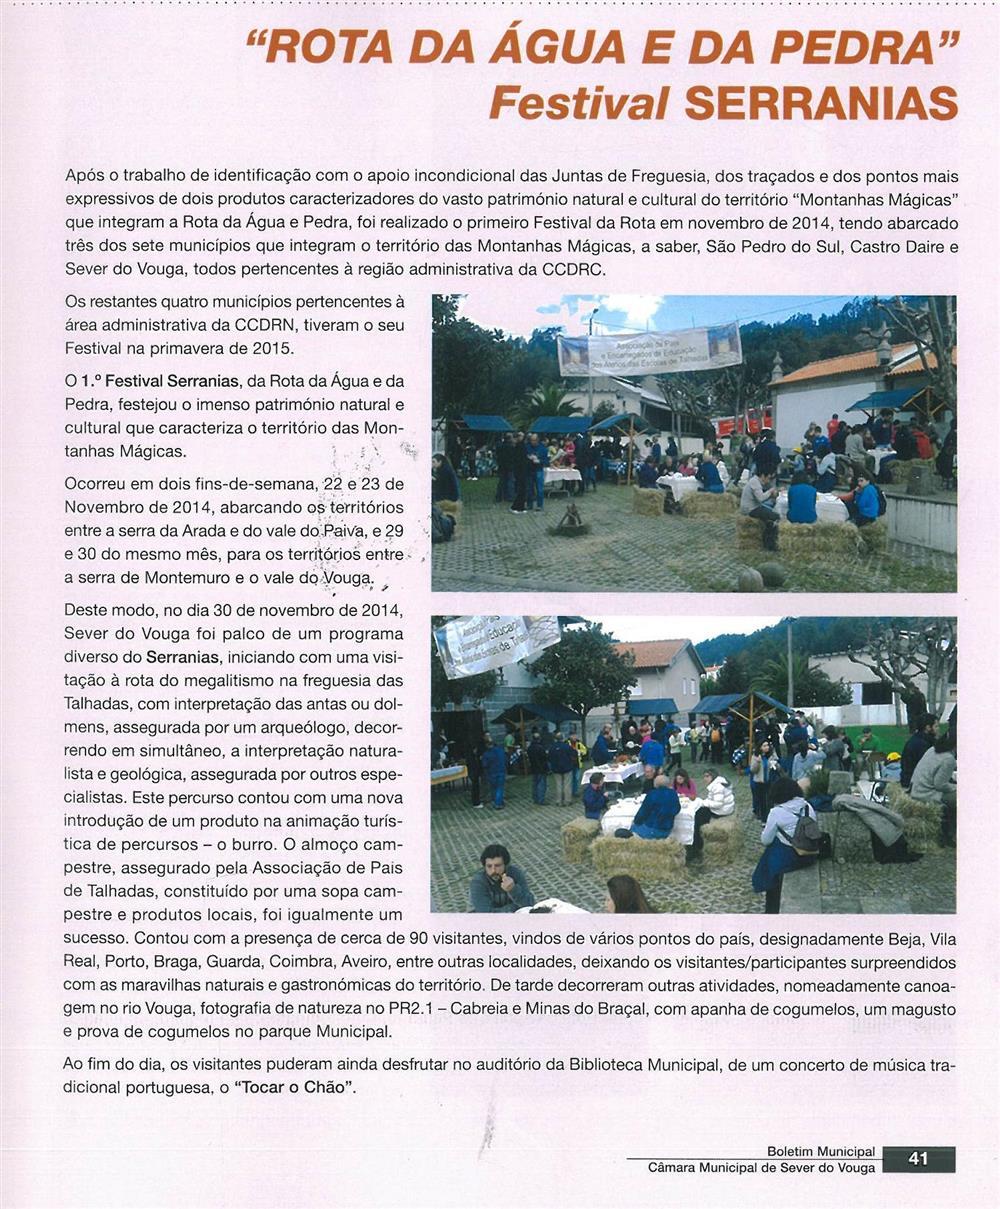 BoletimMunicipal-n.º32-nov.'15-p.41-Rota da Água e da Pedra : Festival Serranias.jpg